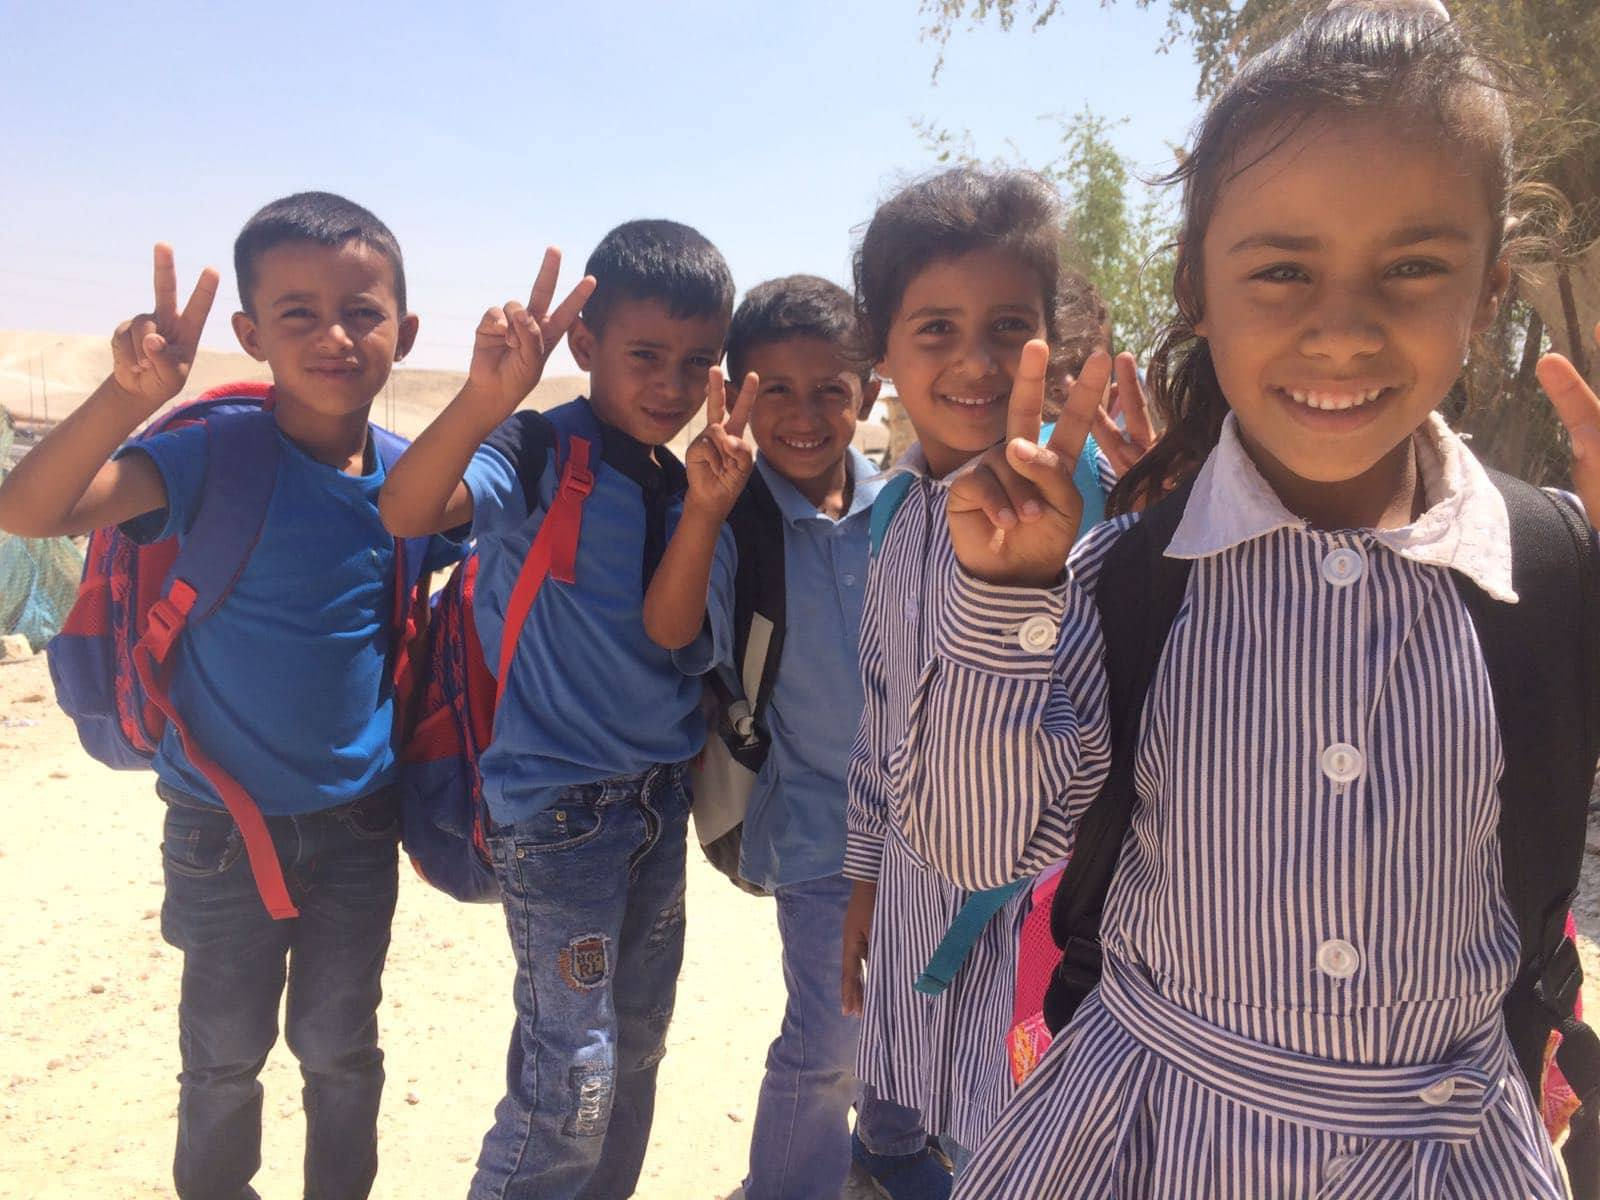 Kinderen uit Khan al-Ahmar tijdens een bezoek van een delegatie van Europese diplomaten, waaronder de vertegenwoordigers van de Europese Unie, 6 september j.l.